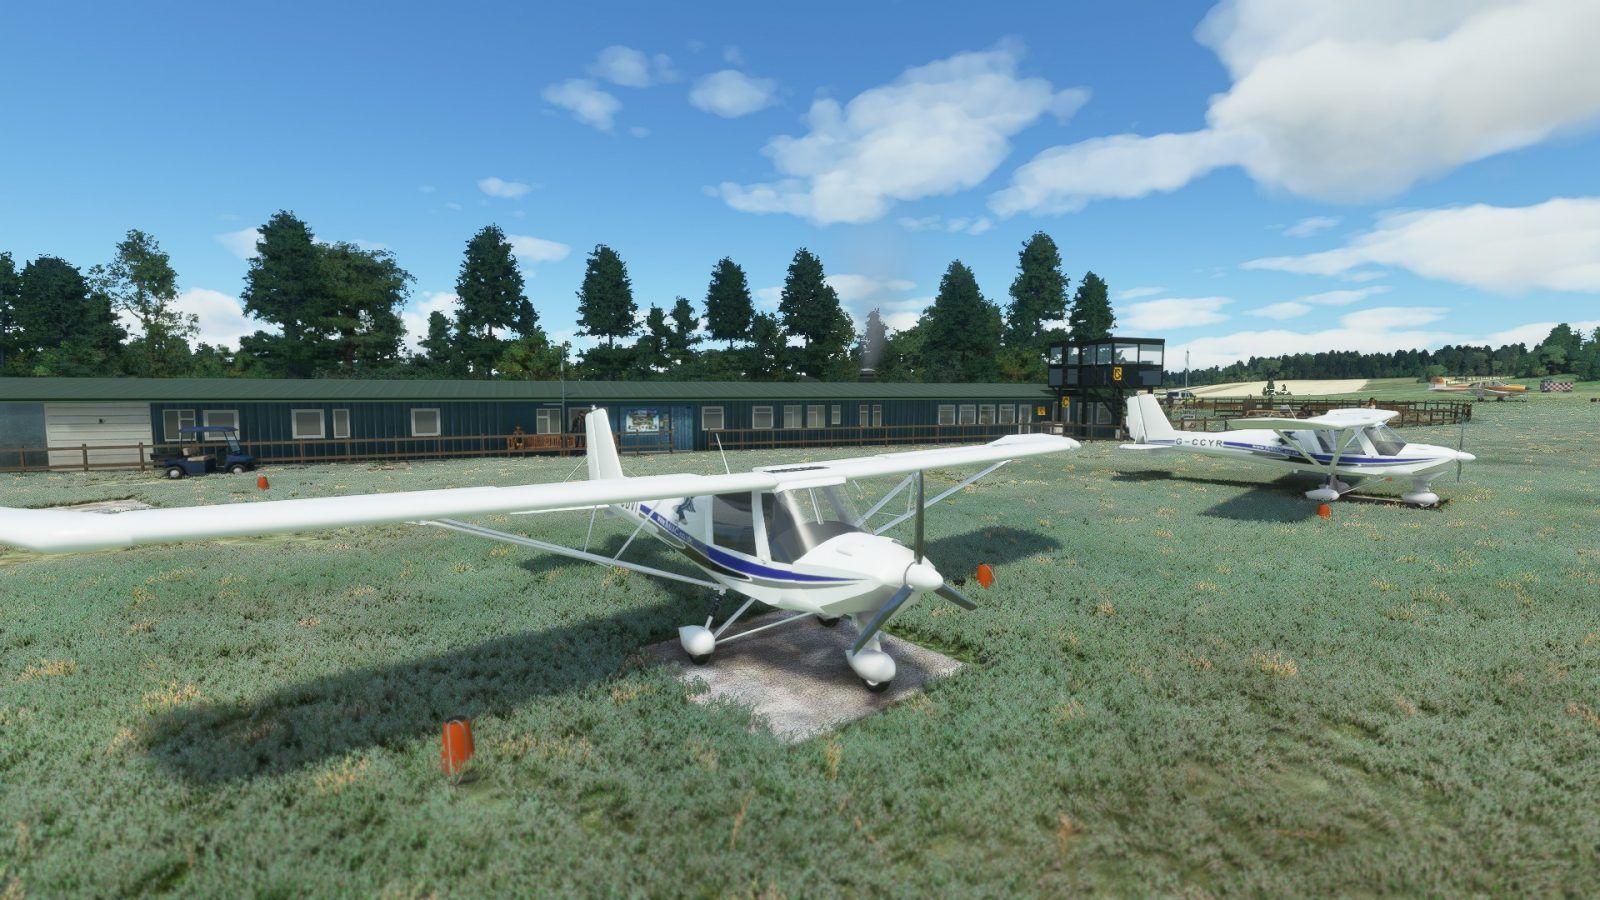 MSFS Popham Airfield